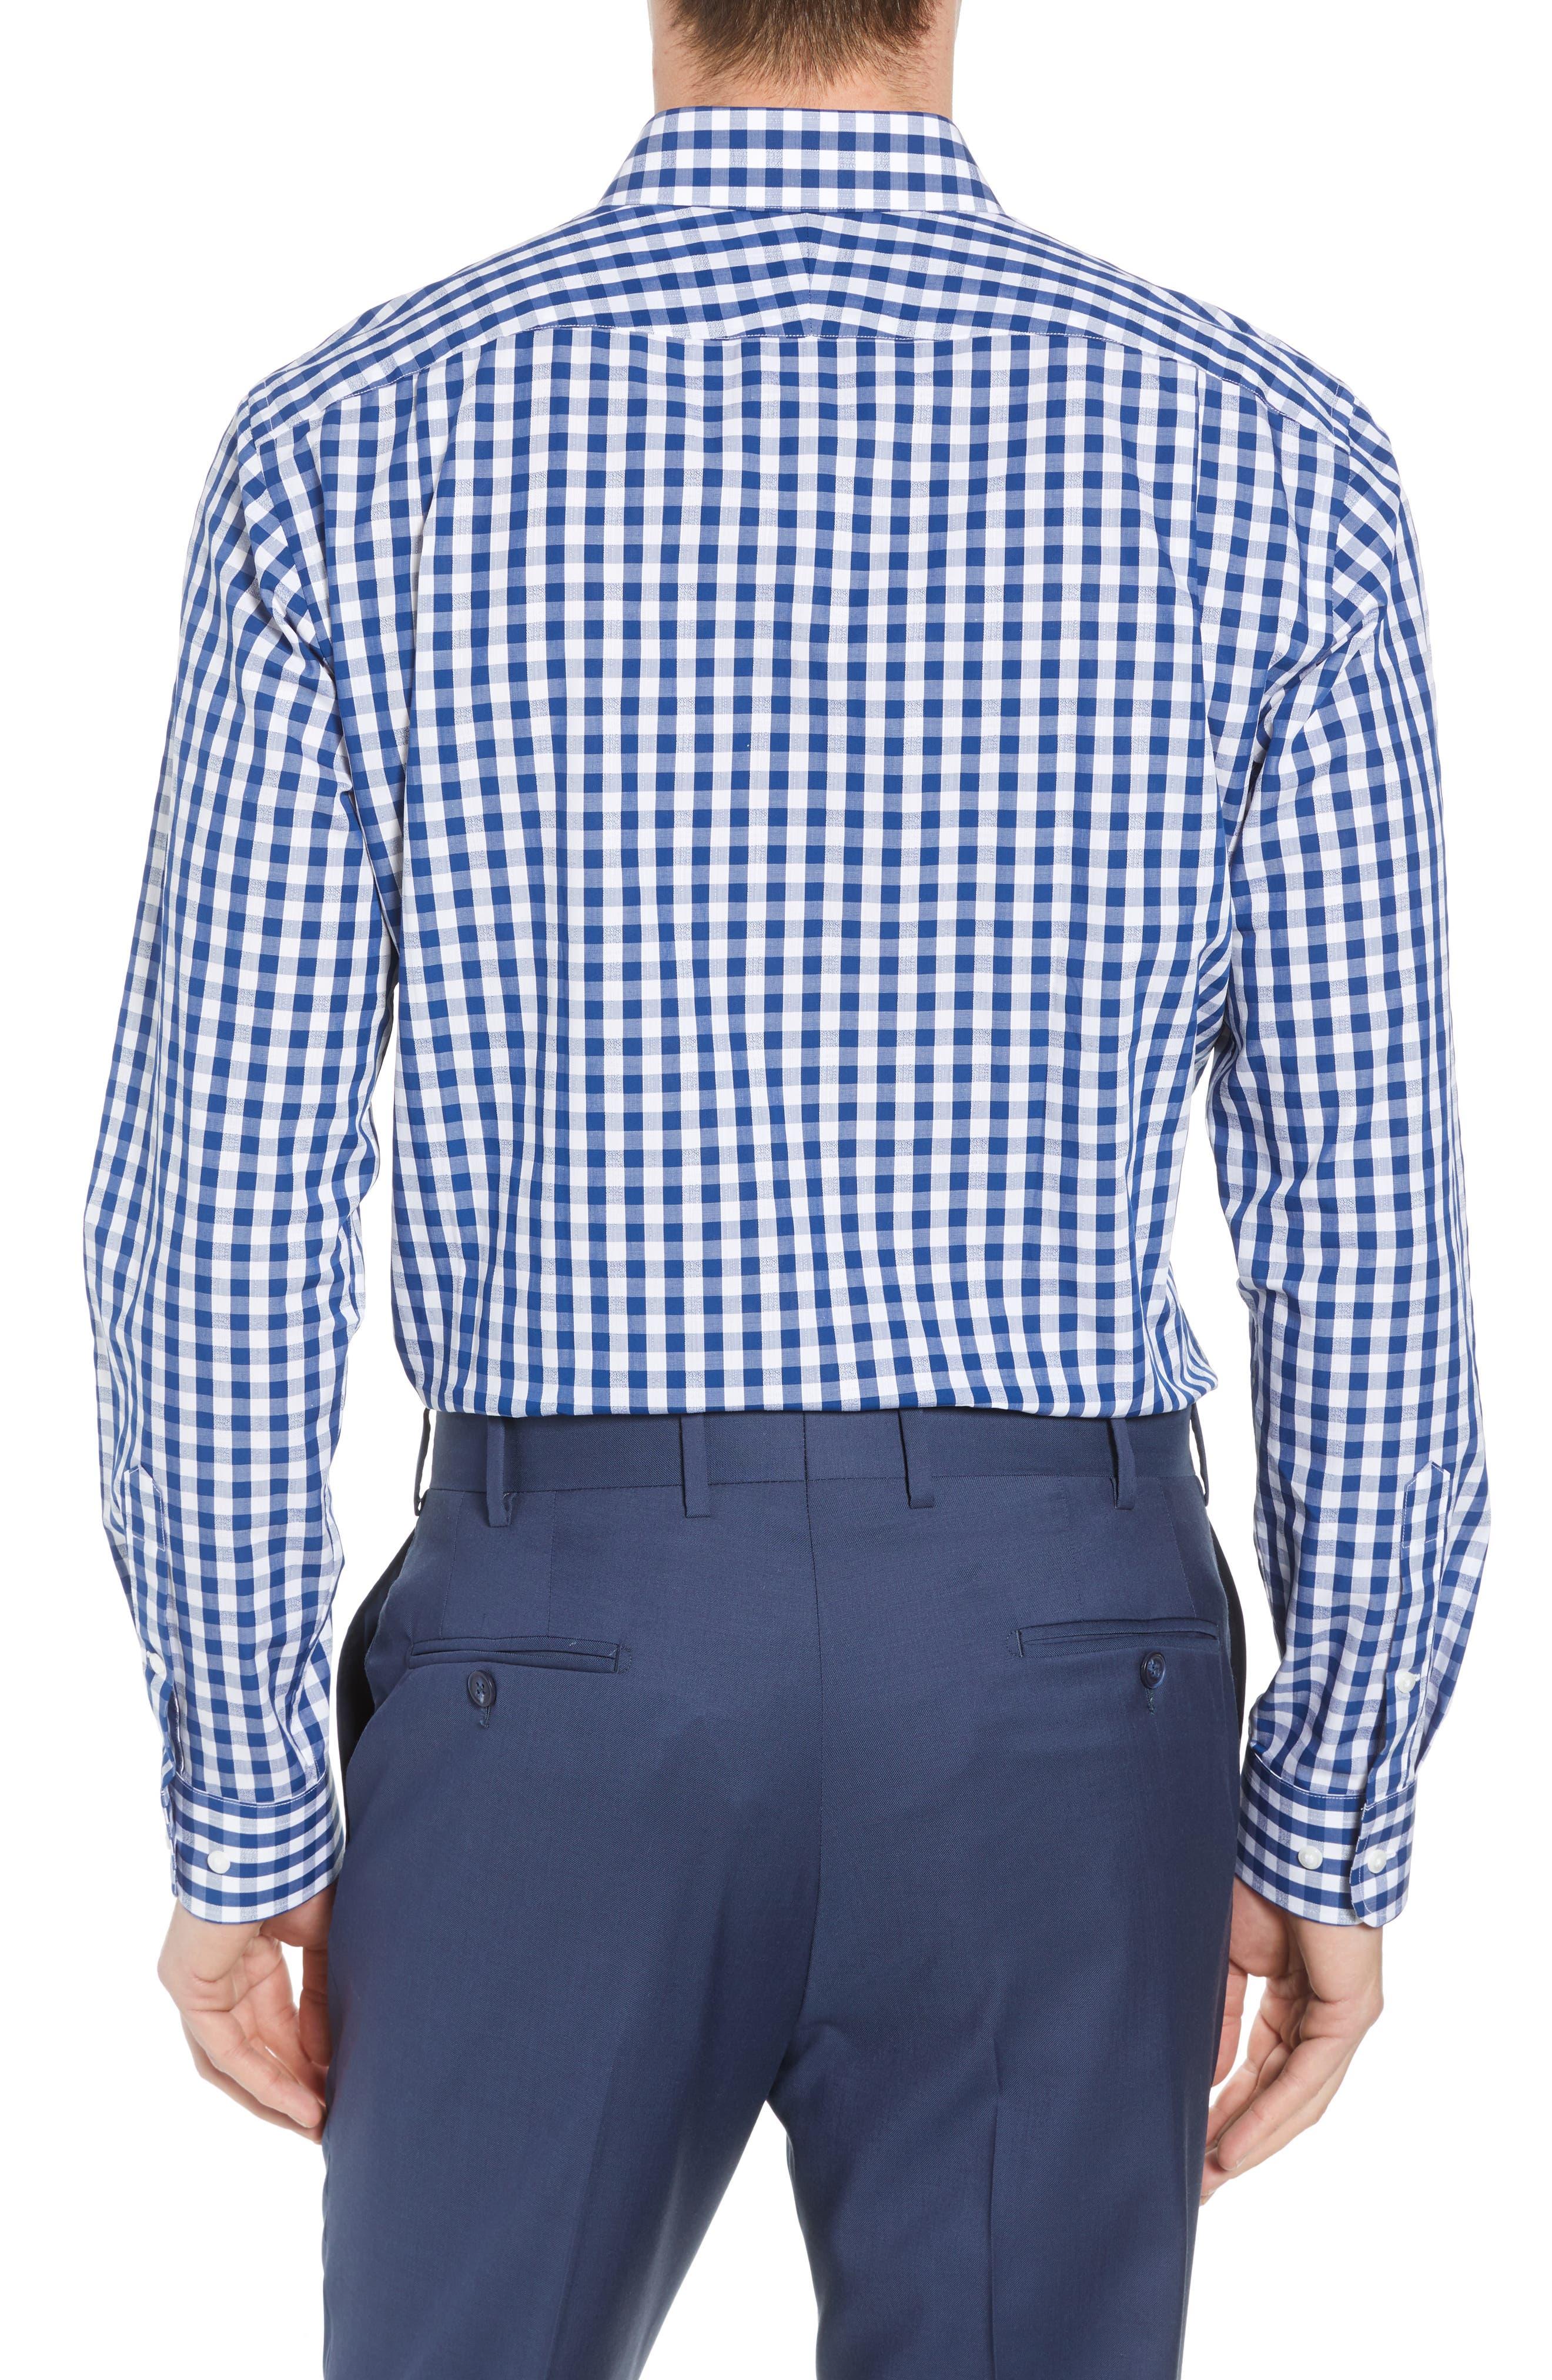 Trim Fit Check Dress Shirt,                             Alternate thumbnail 3, color,                             BLUE CASPIA